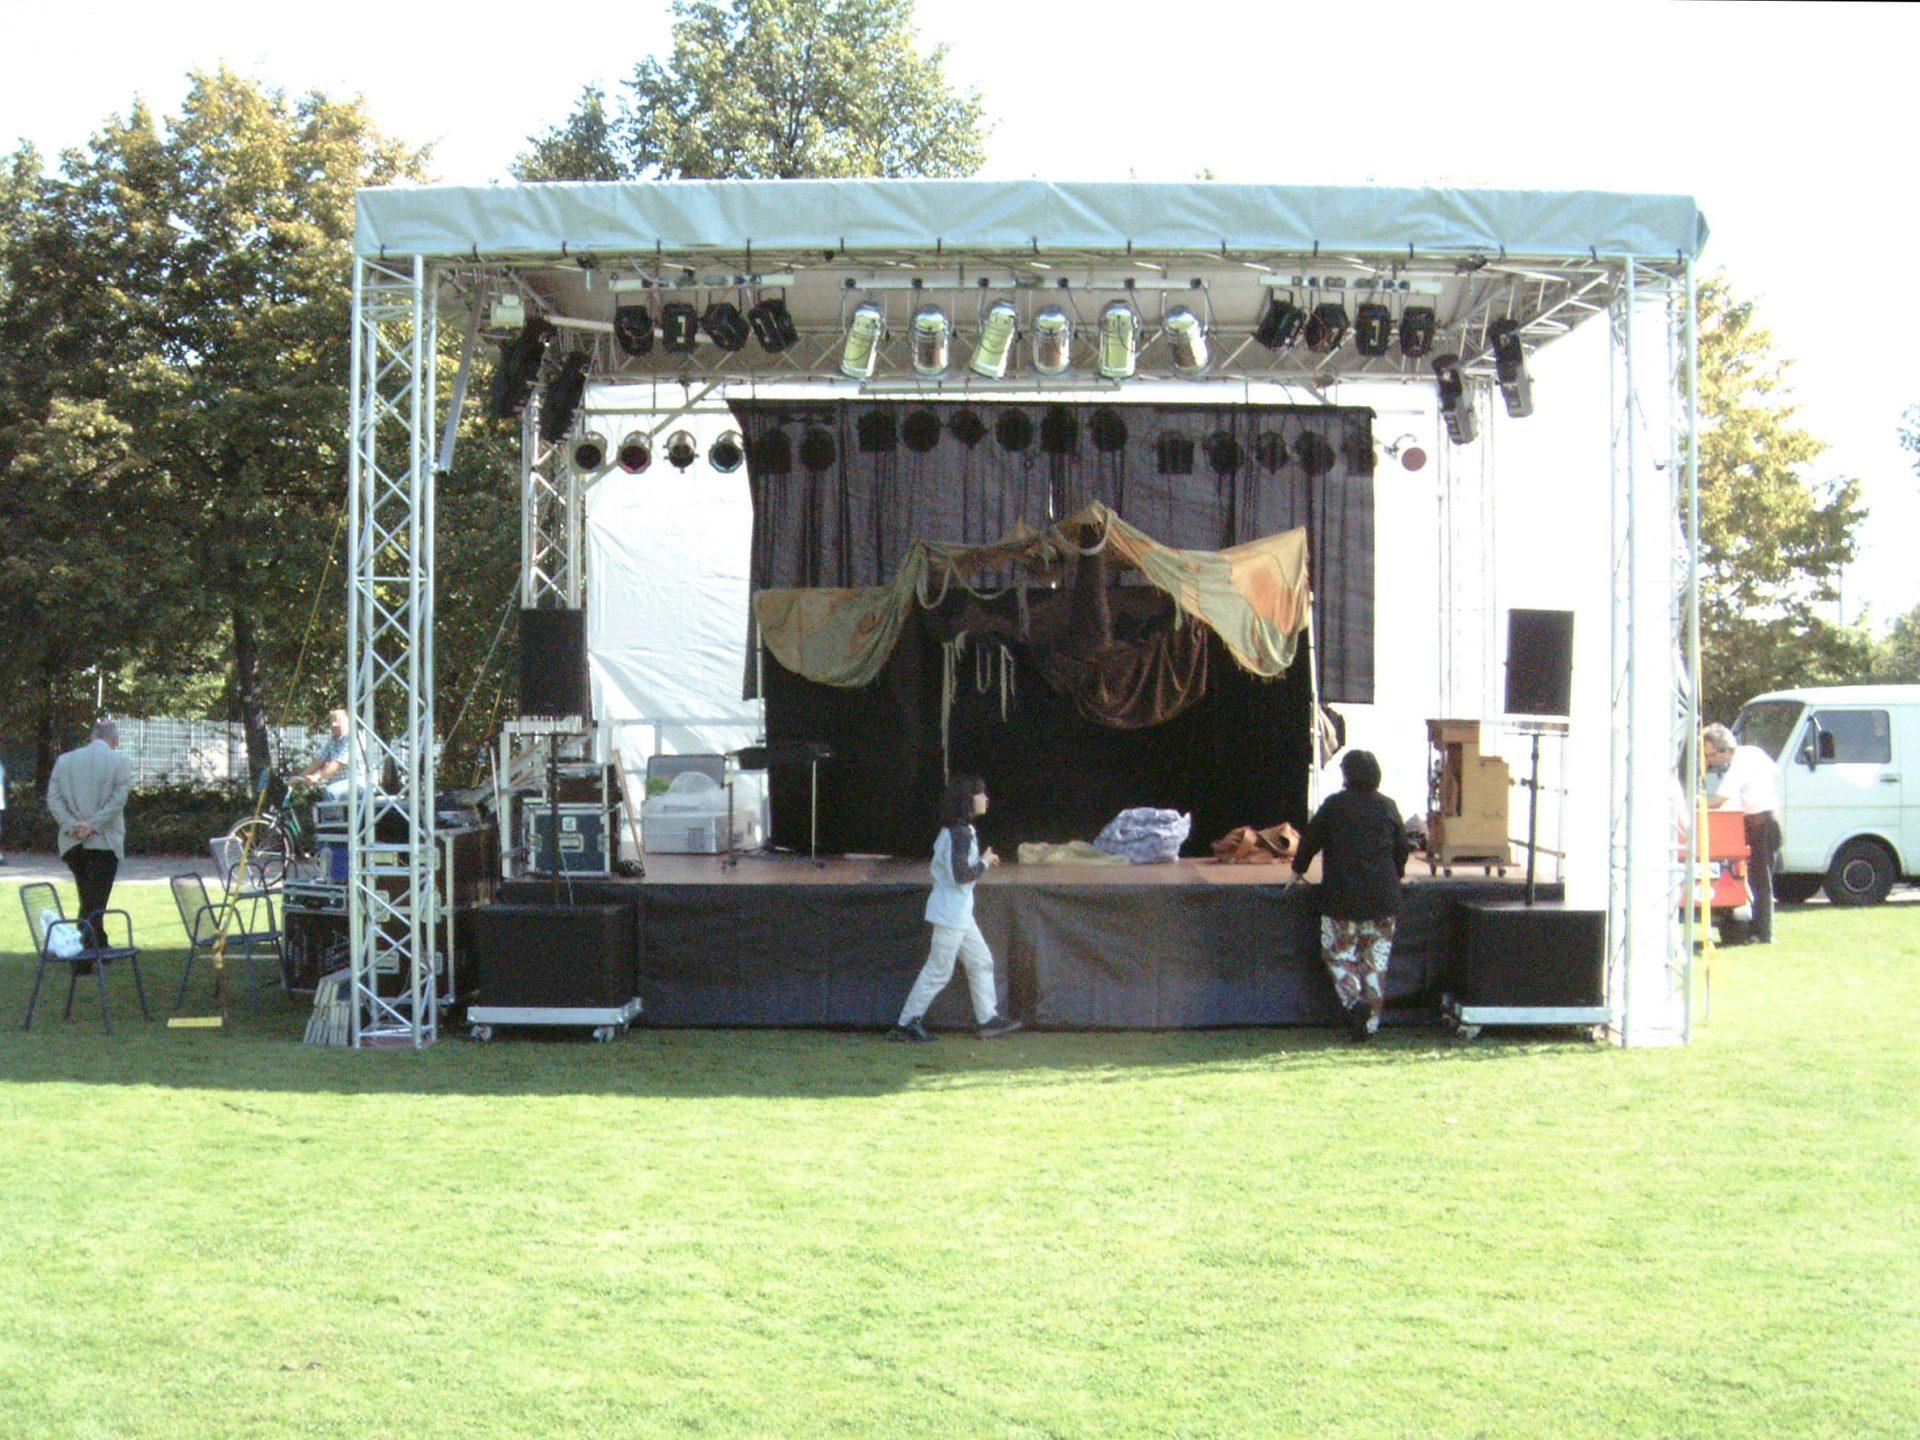 Bühne 7m x 5m im Park